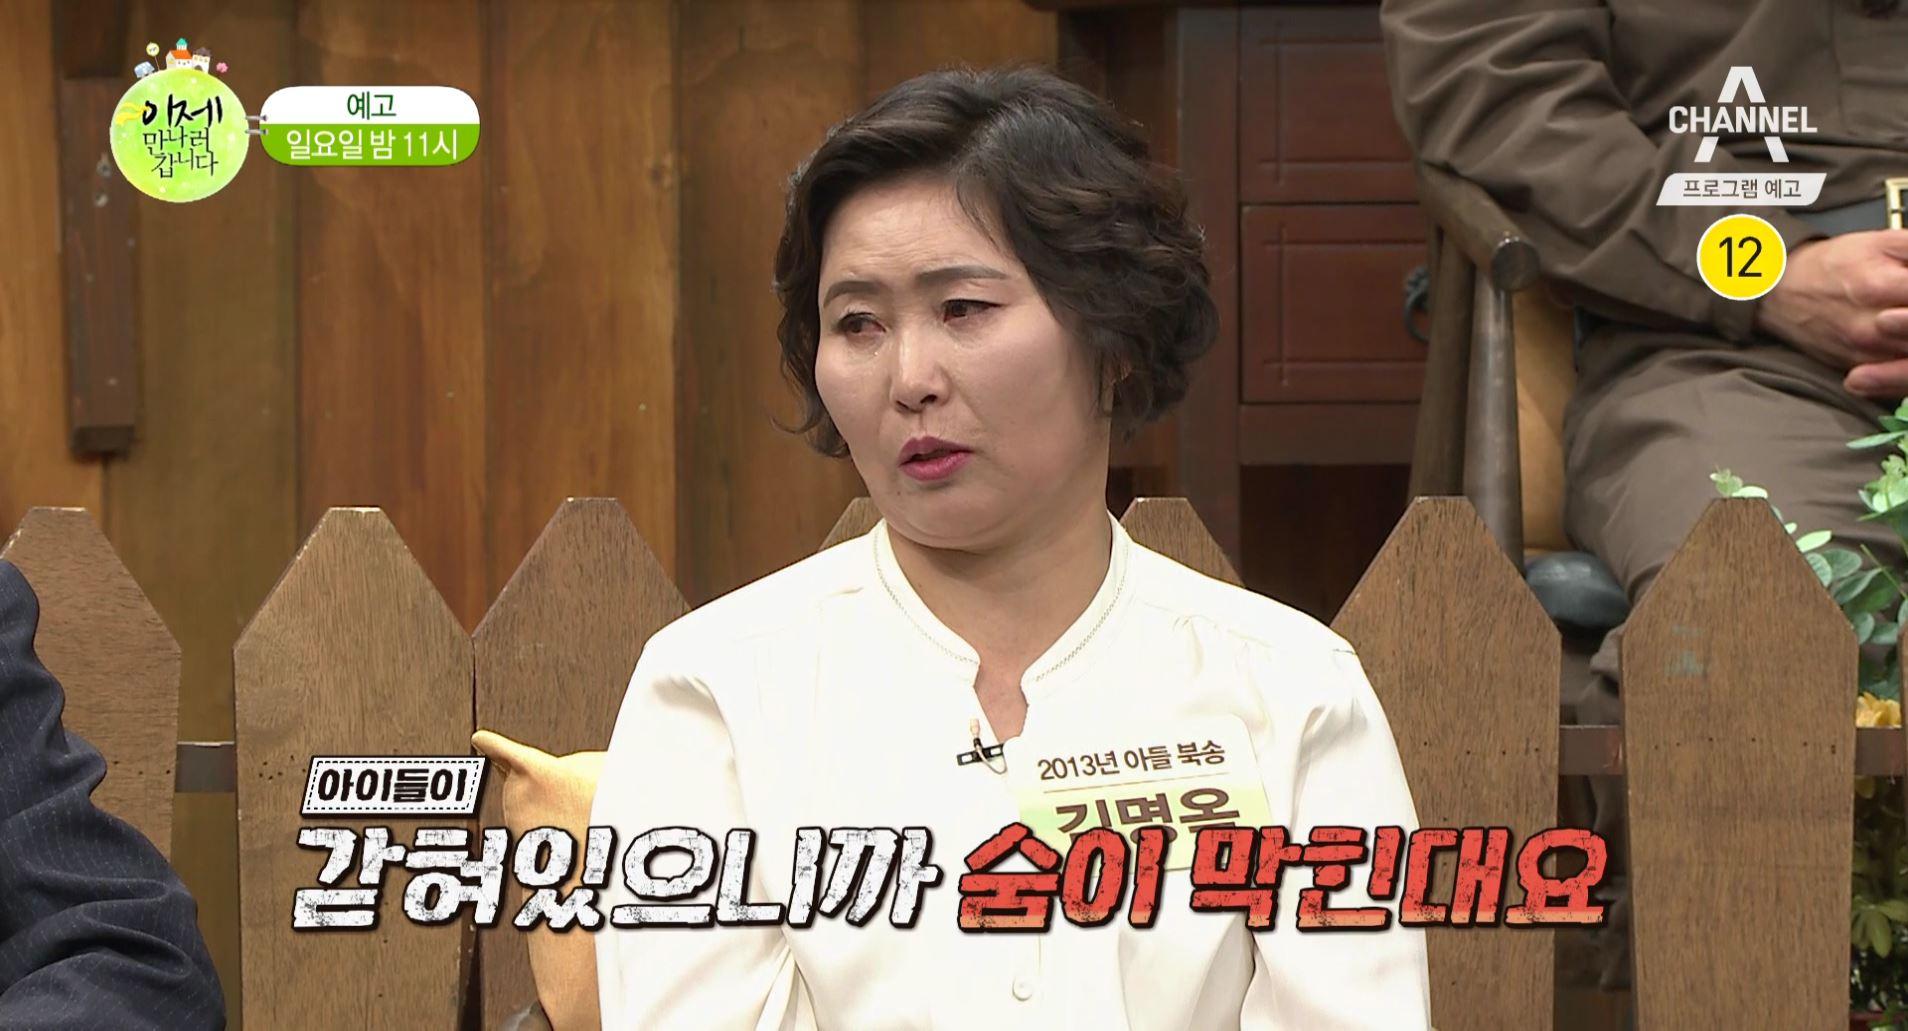 [예고] 탈북민들의 최대 공포 '강제 북송'의 진실! 이미지